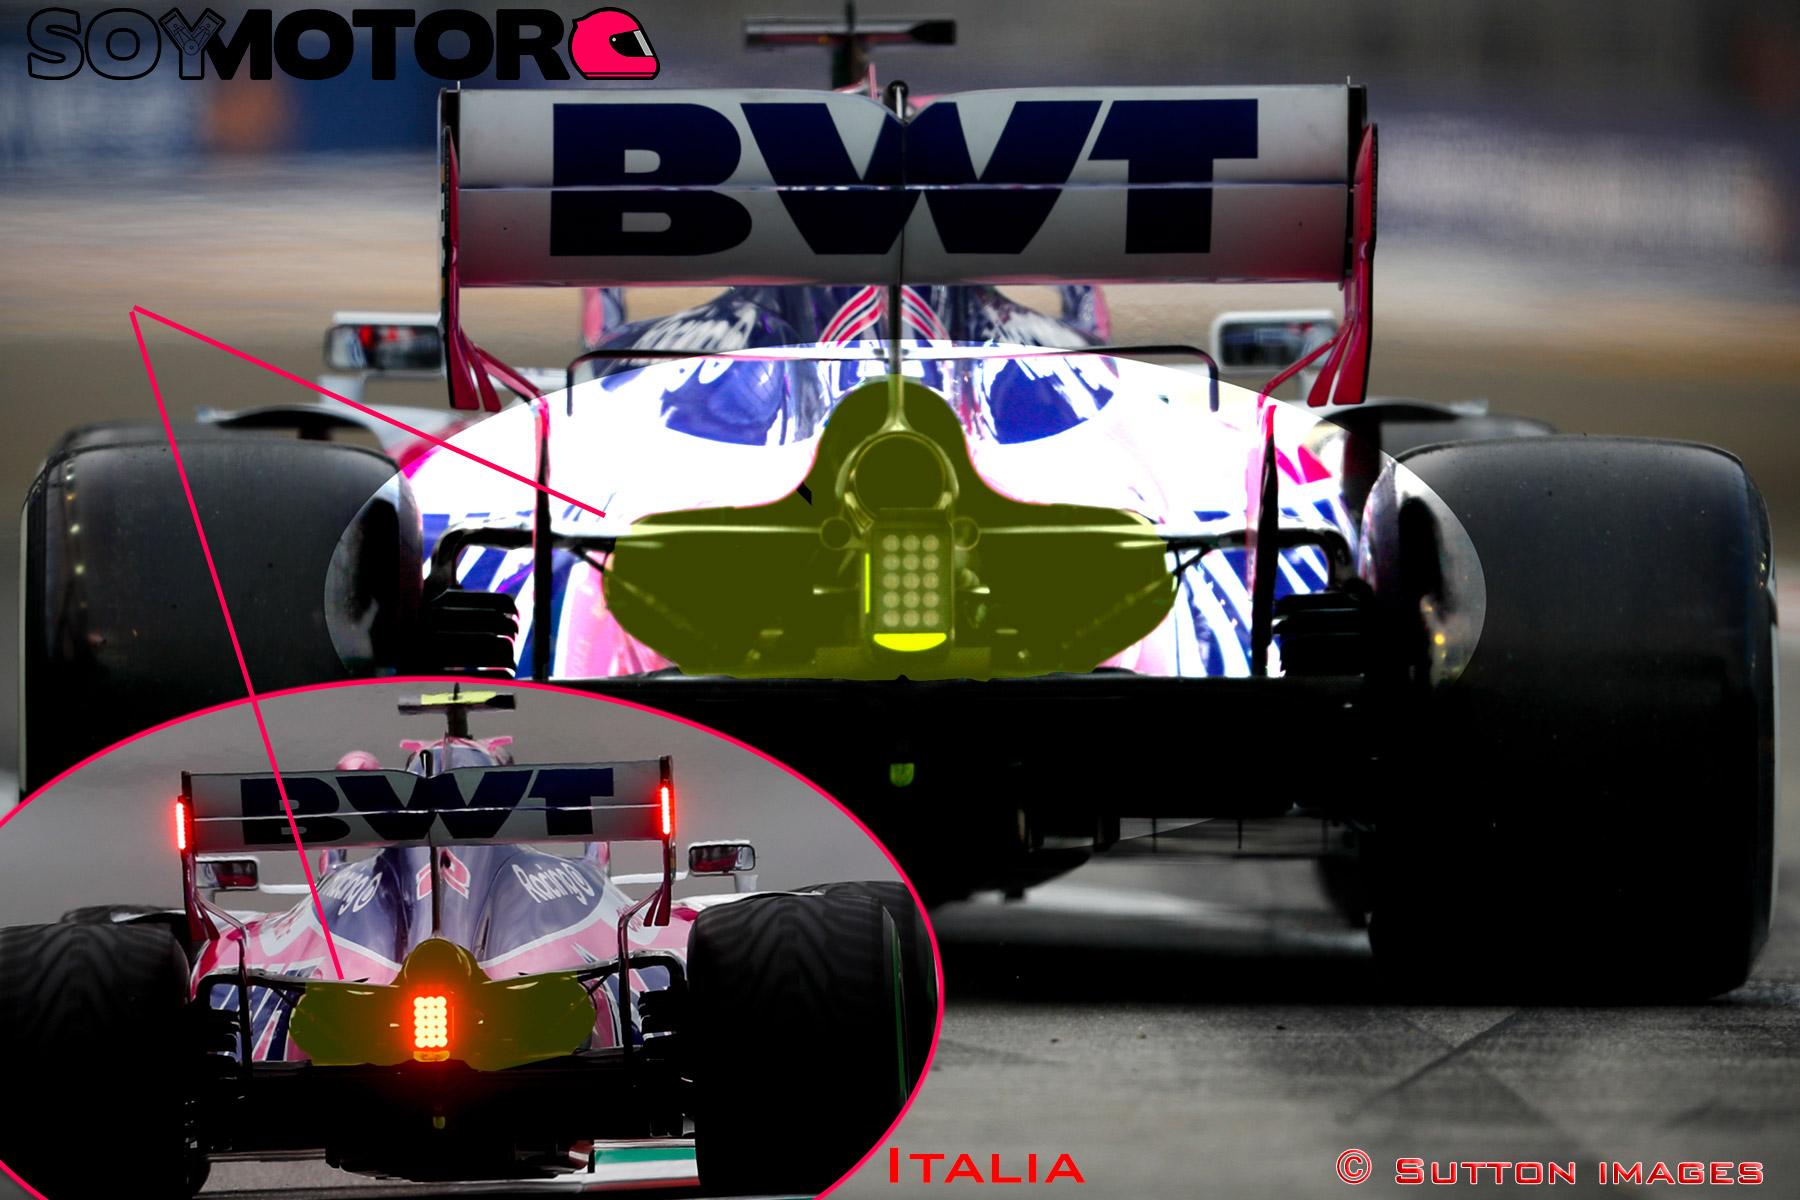 racing-point-salida-posterior-y-suspension-trasera.jpg